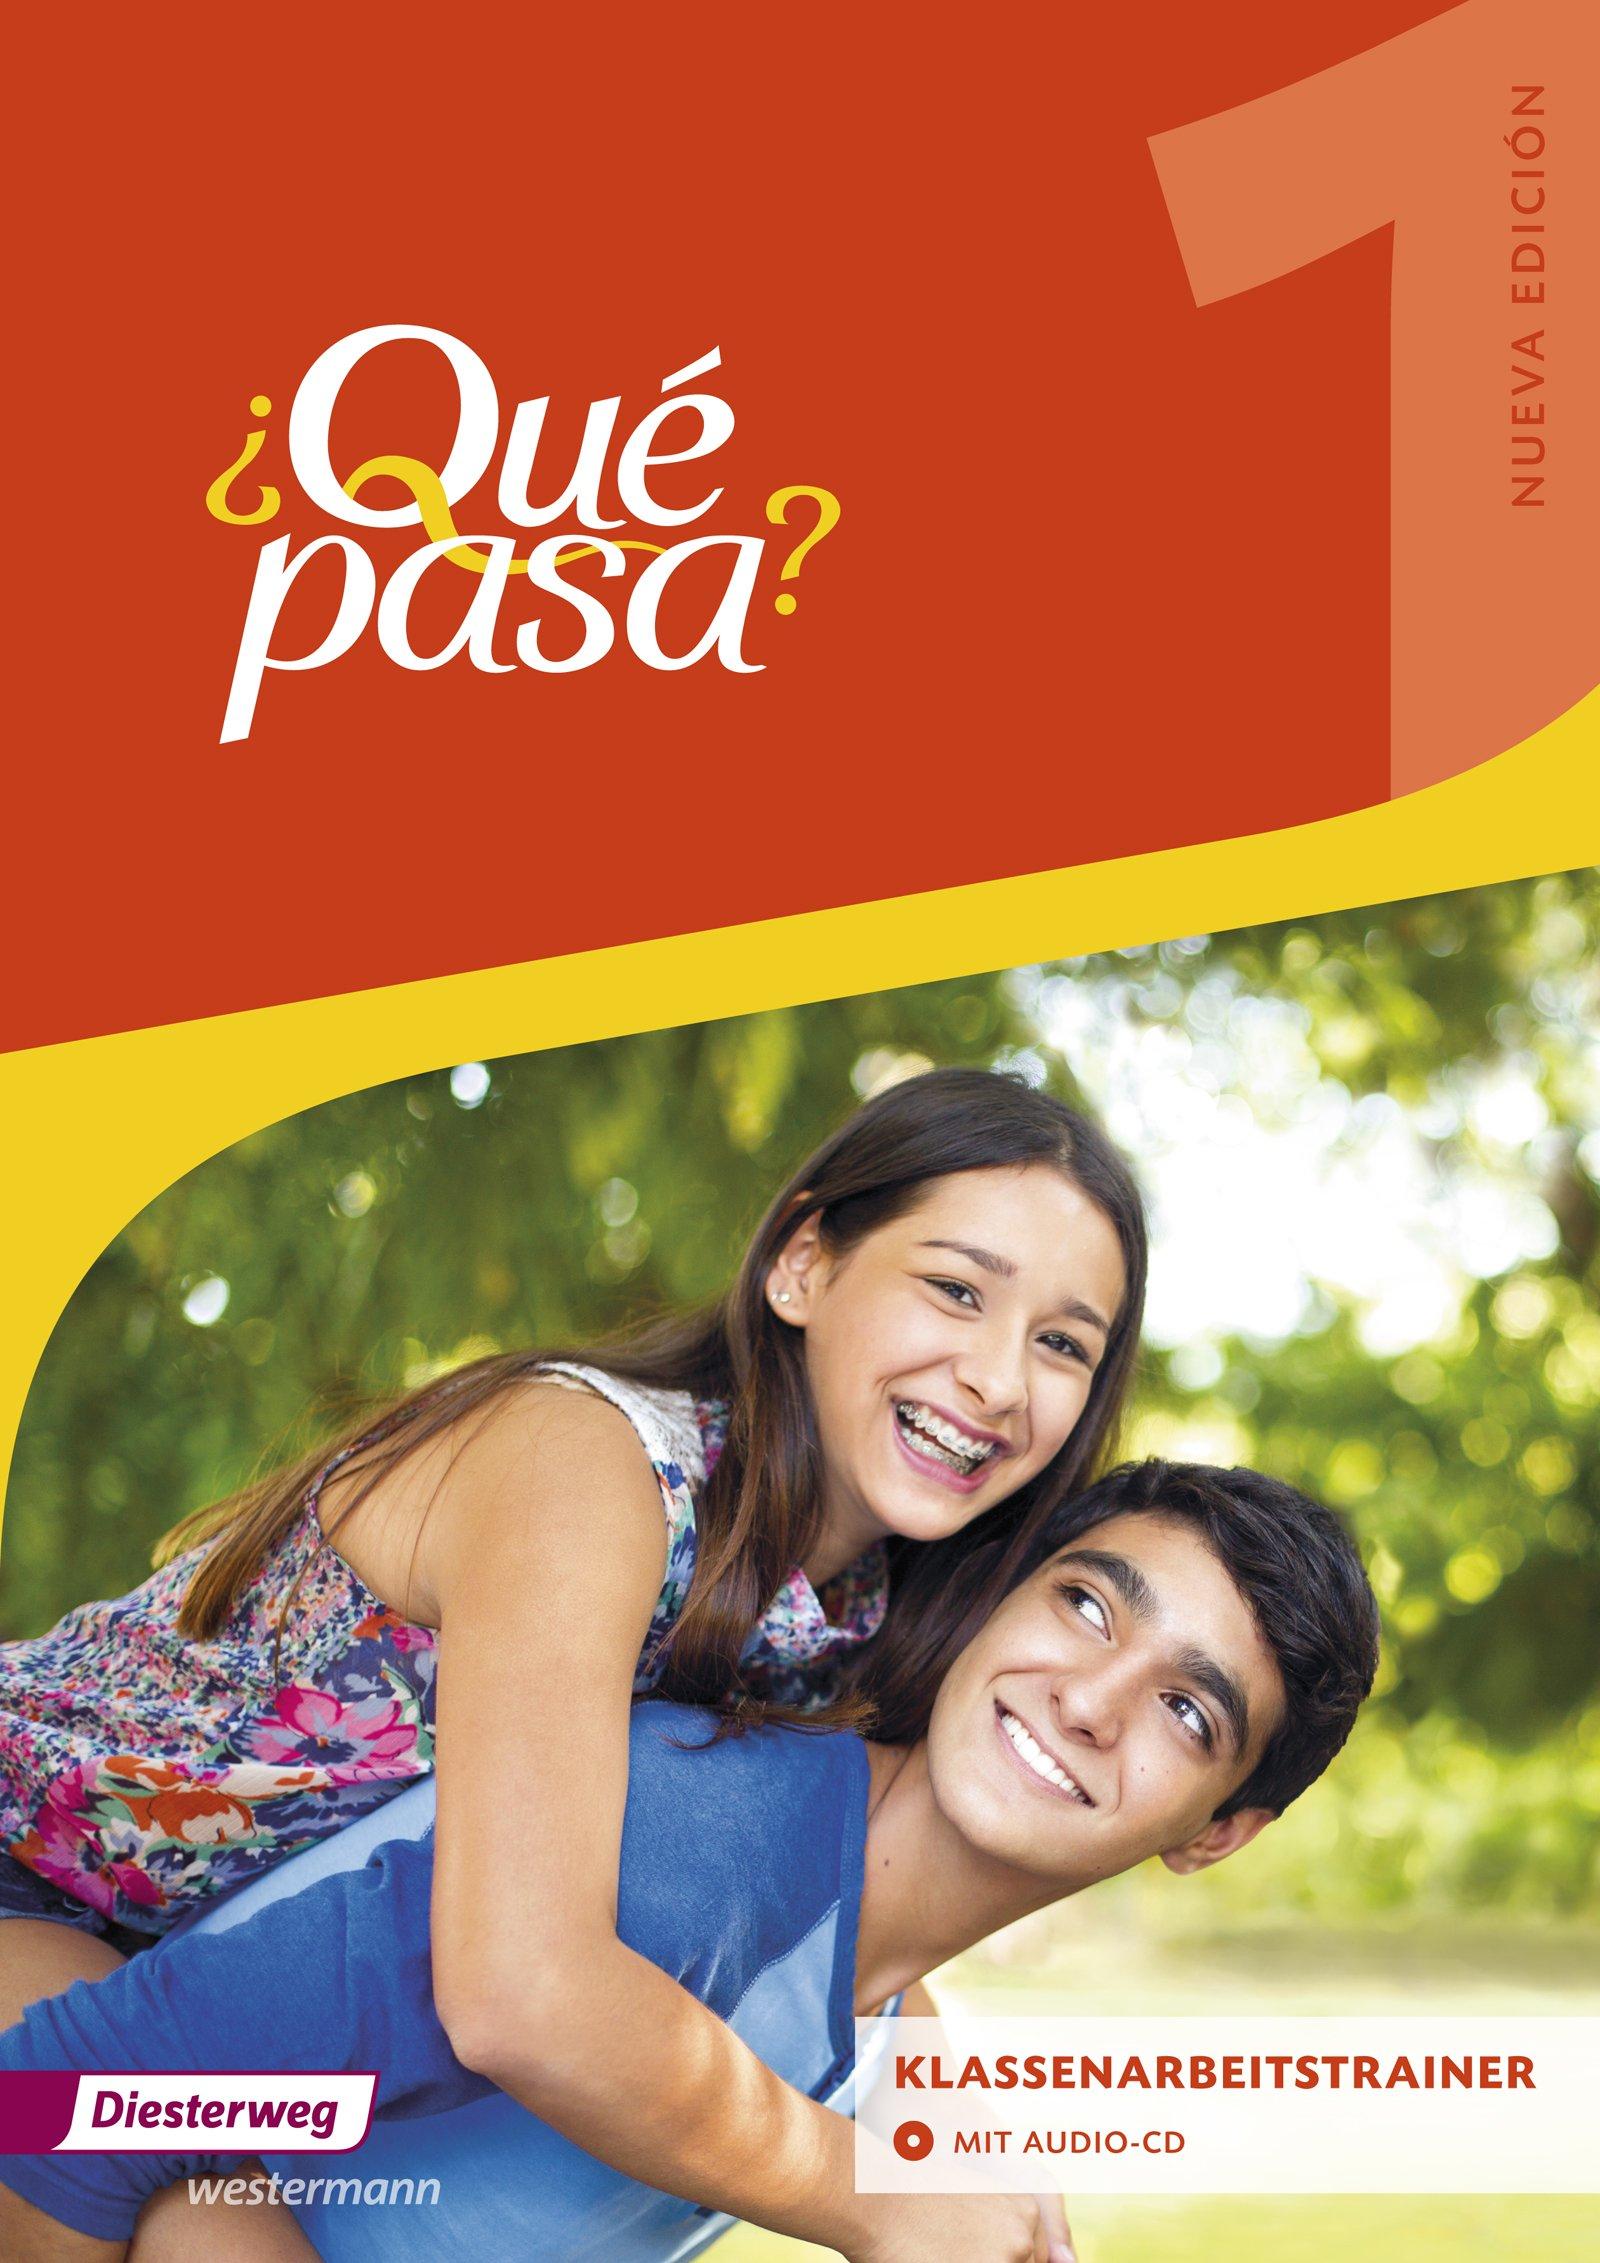 ¿Qué Pasa    Lehrwerk Für Spanisch Als 2. Fremdsprache Ab Klasse 6 Oder 7   Ausgabe 2016  Qué Pasa 1. Klassenarbeitstrainer Ausgabe 2016